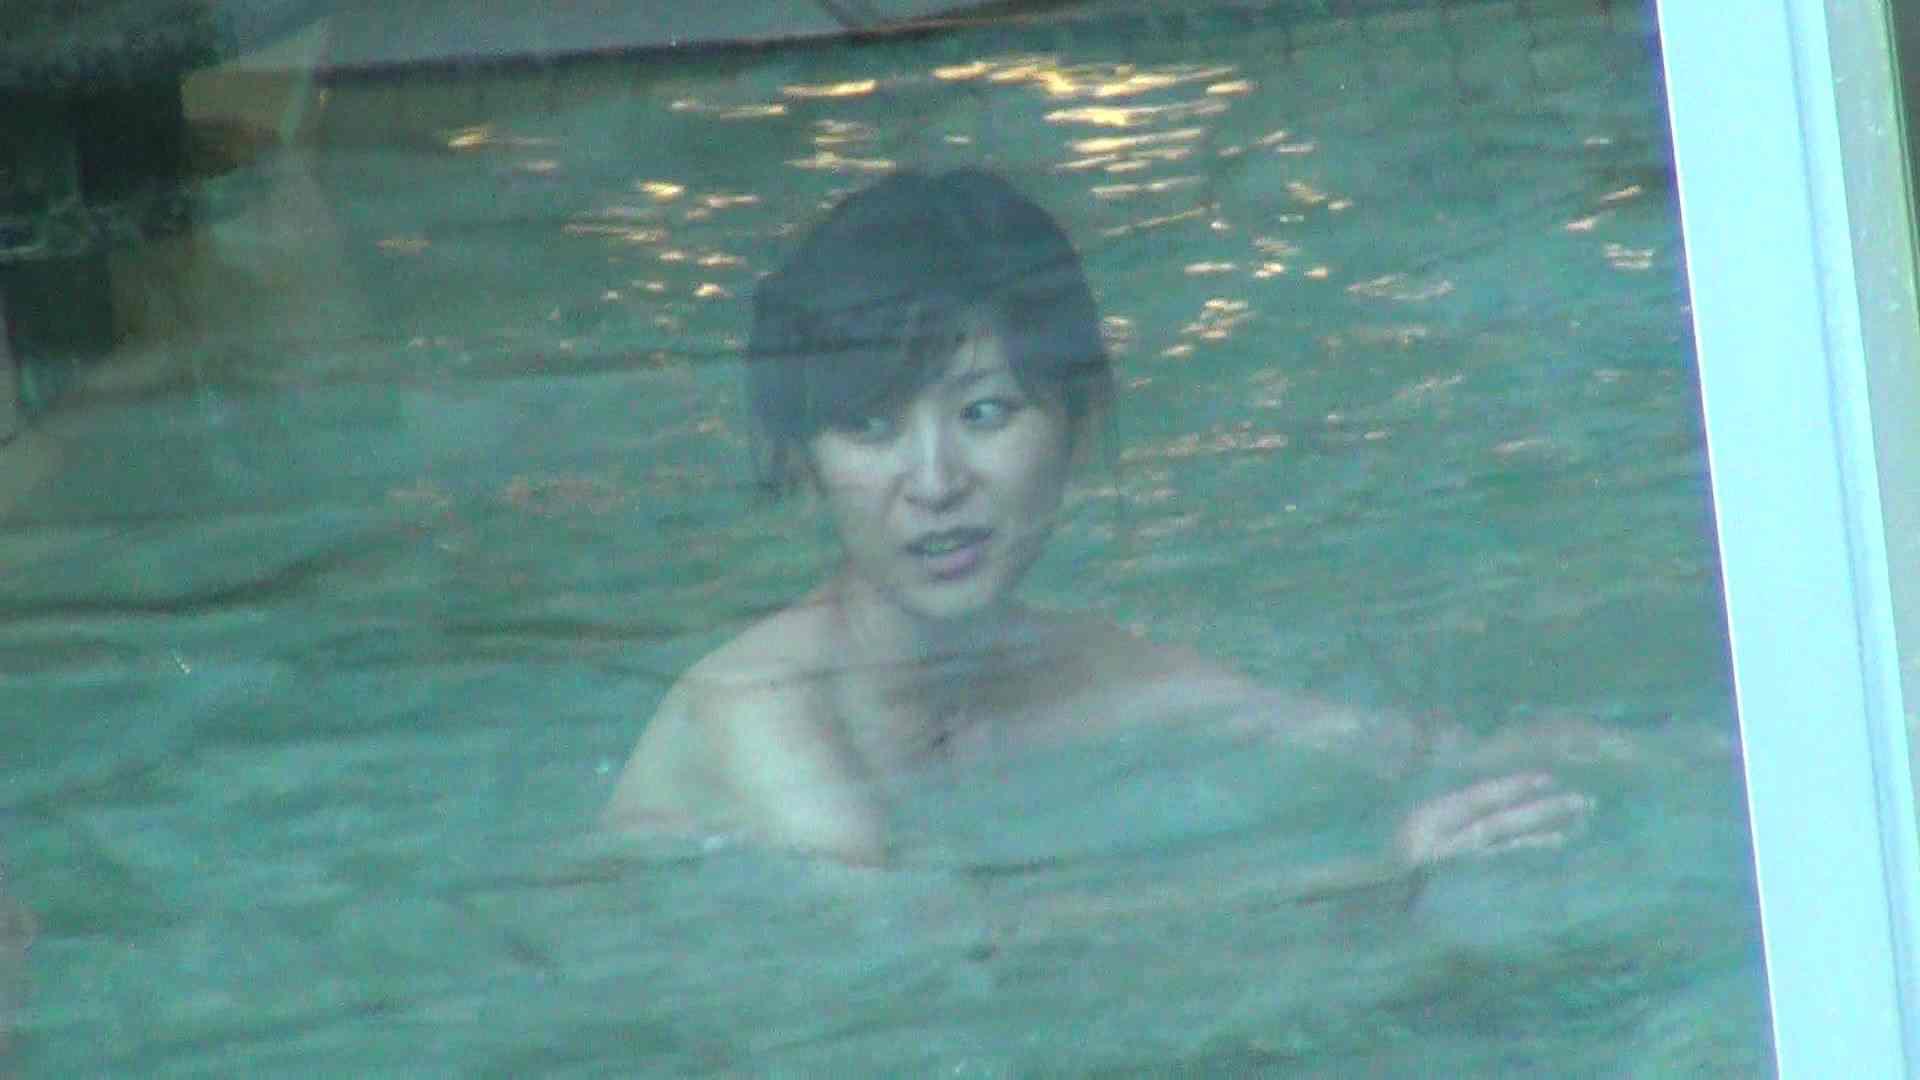 Aquaな露天風呂Vol.294 綺麗なOLたち   露天  84枚 70